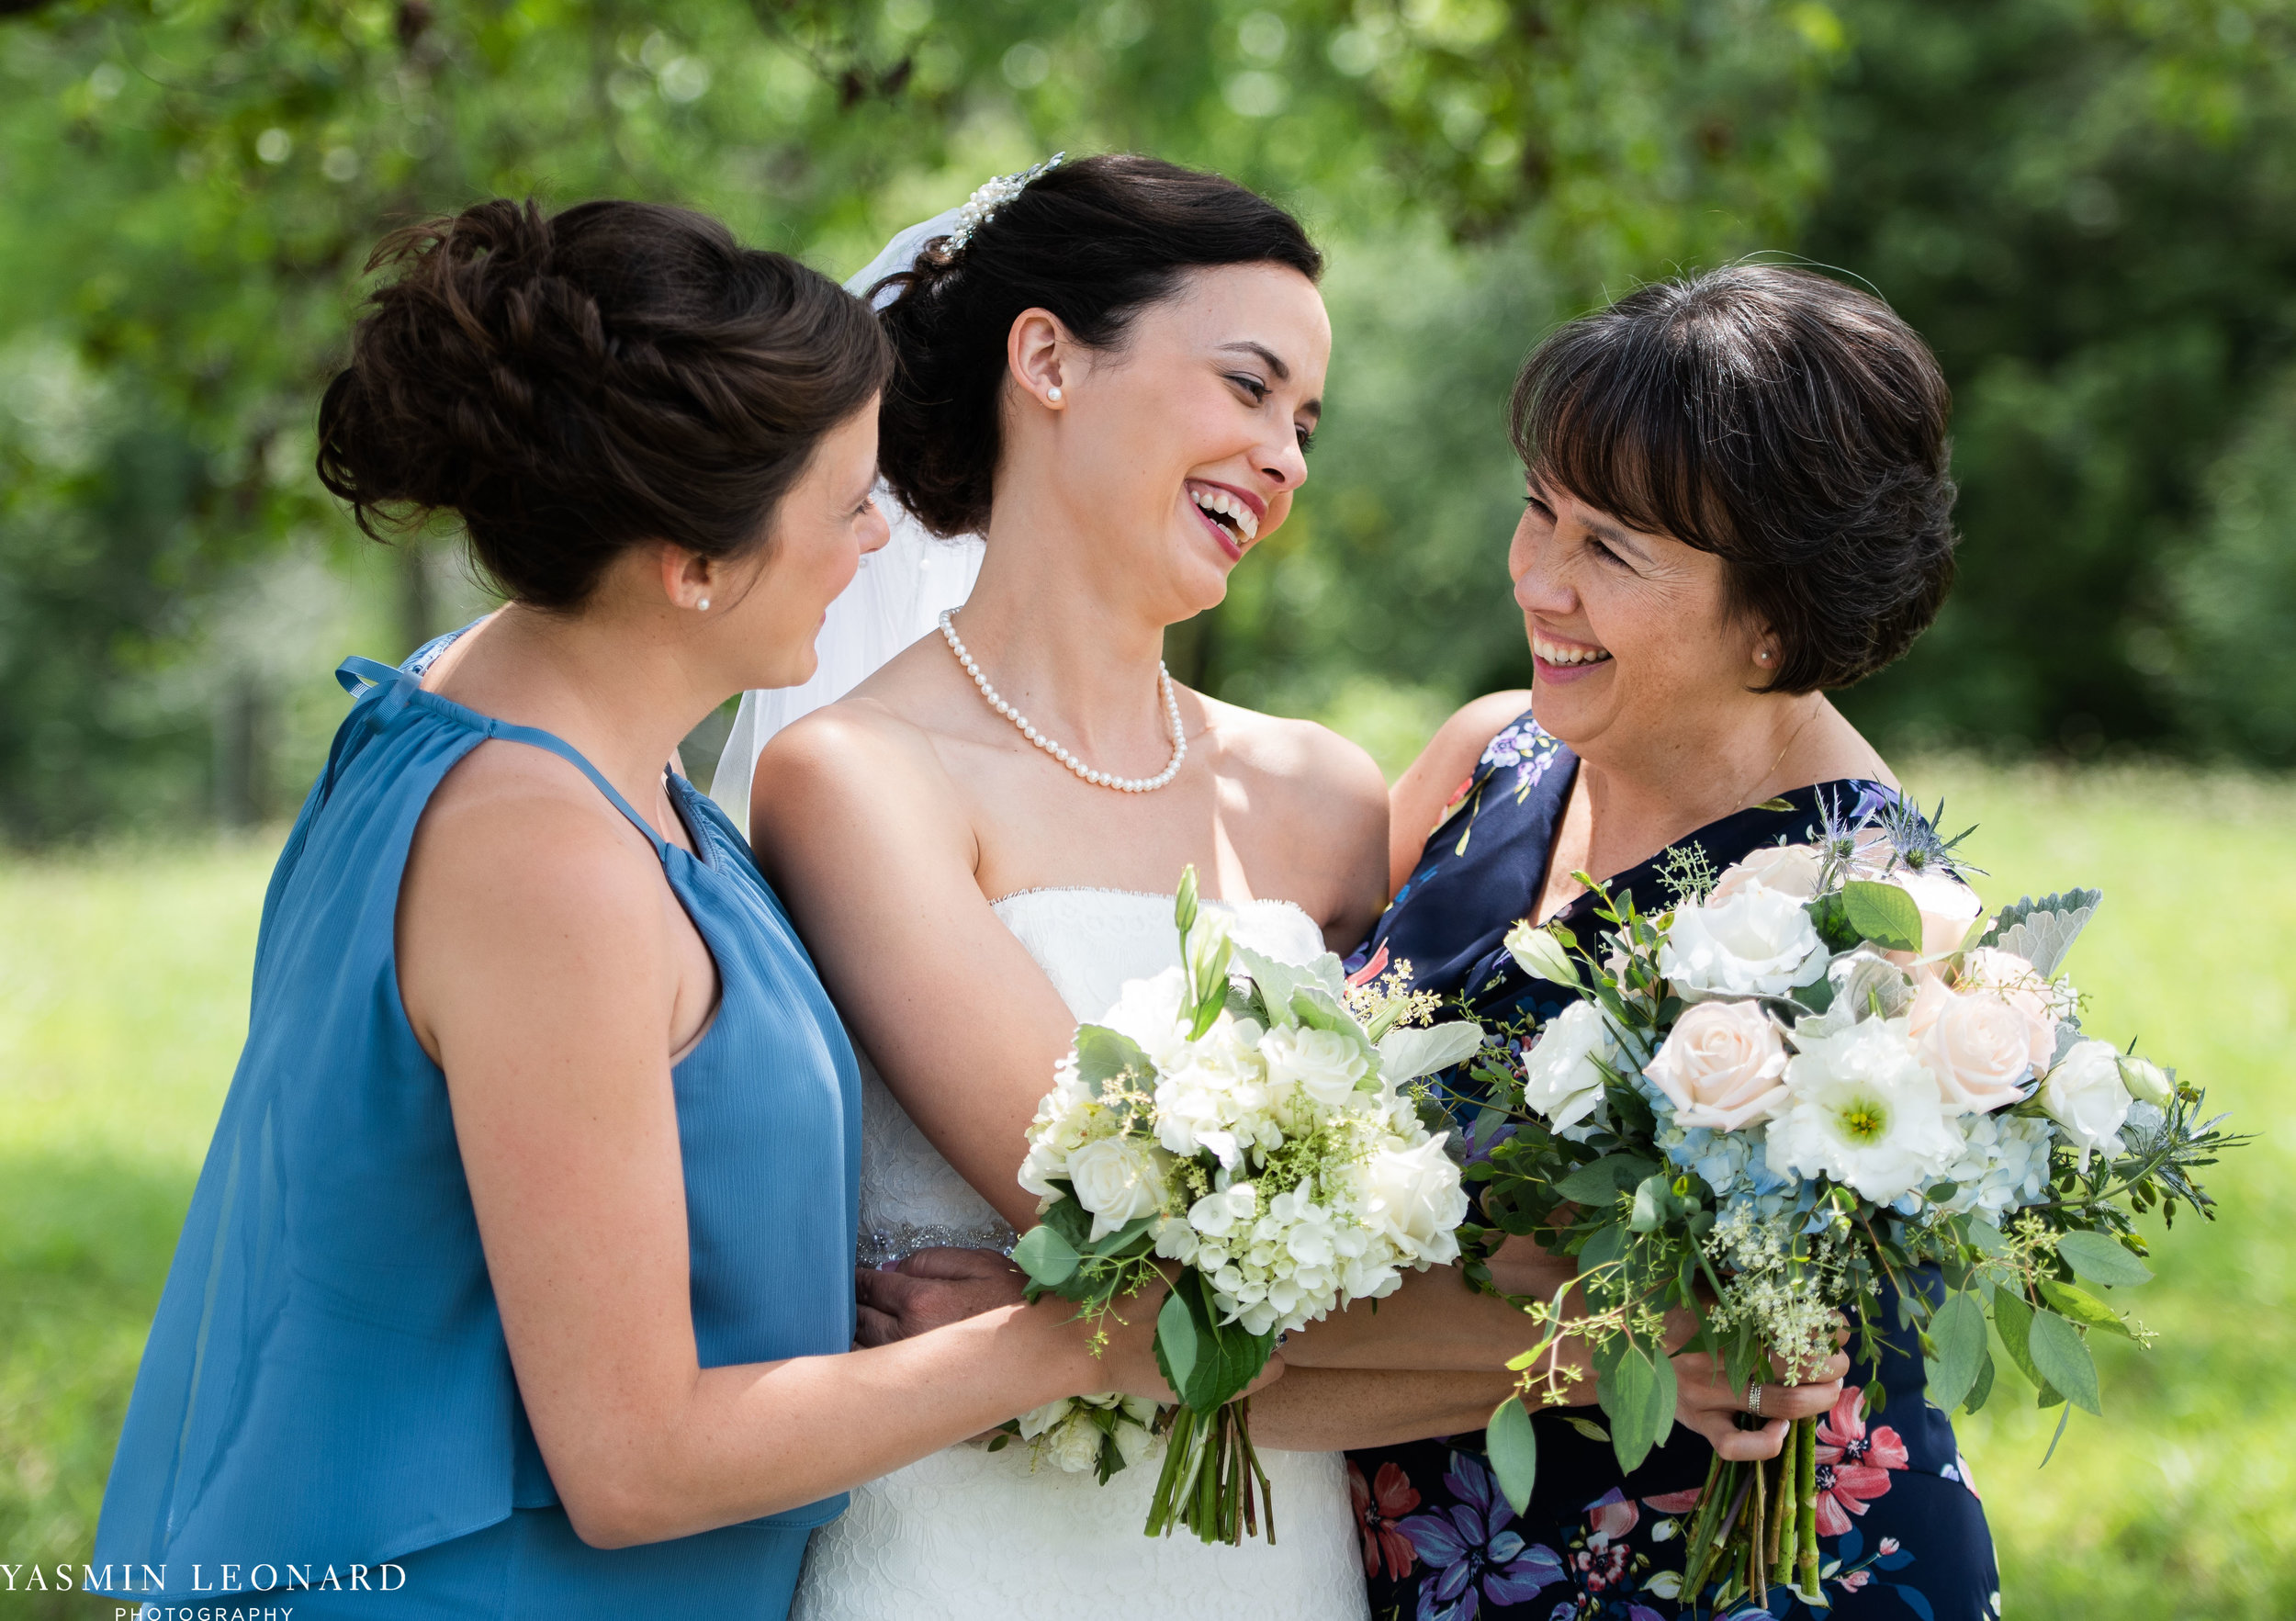 Mt. Pleasant Church - Church Wedding - Traditional Wedding - Church Ceremony - Country Wedding - Godly Wedding - NC Wedding Photographer - High Point Weddings - Triad Weddings - NC Venues-12.jpg